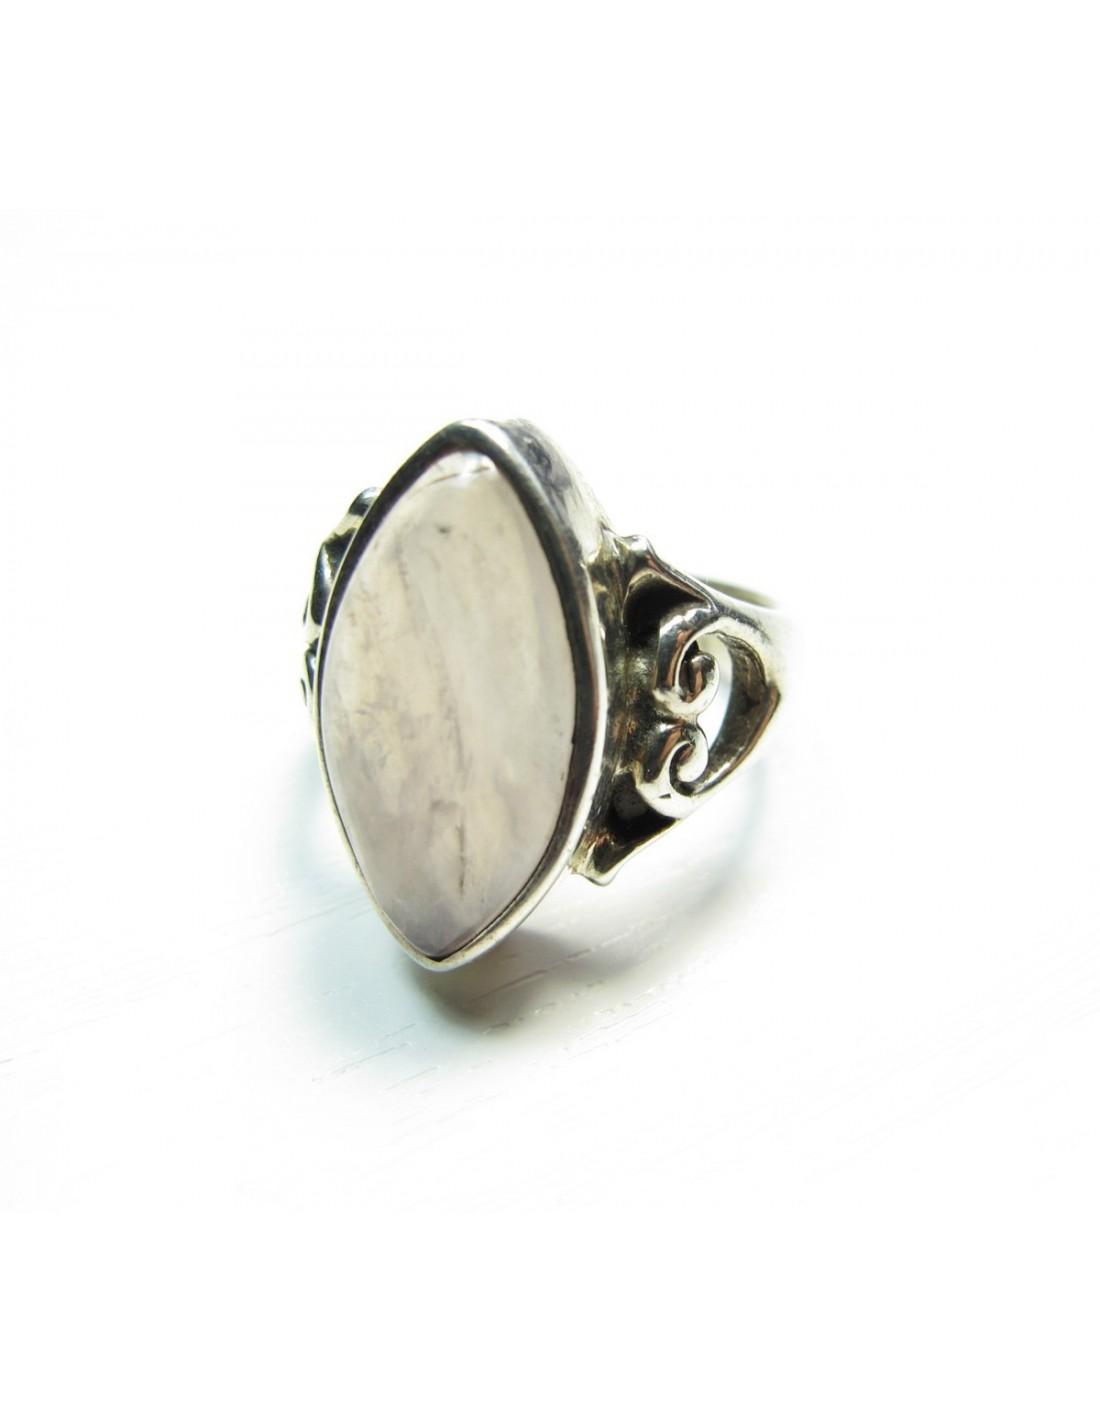 bagues en argent taille 52 et pierres de quartz rose vente de bijoux ethnique. Black Bedroom Furniture Sets. Home Design Ideas